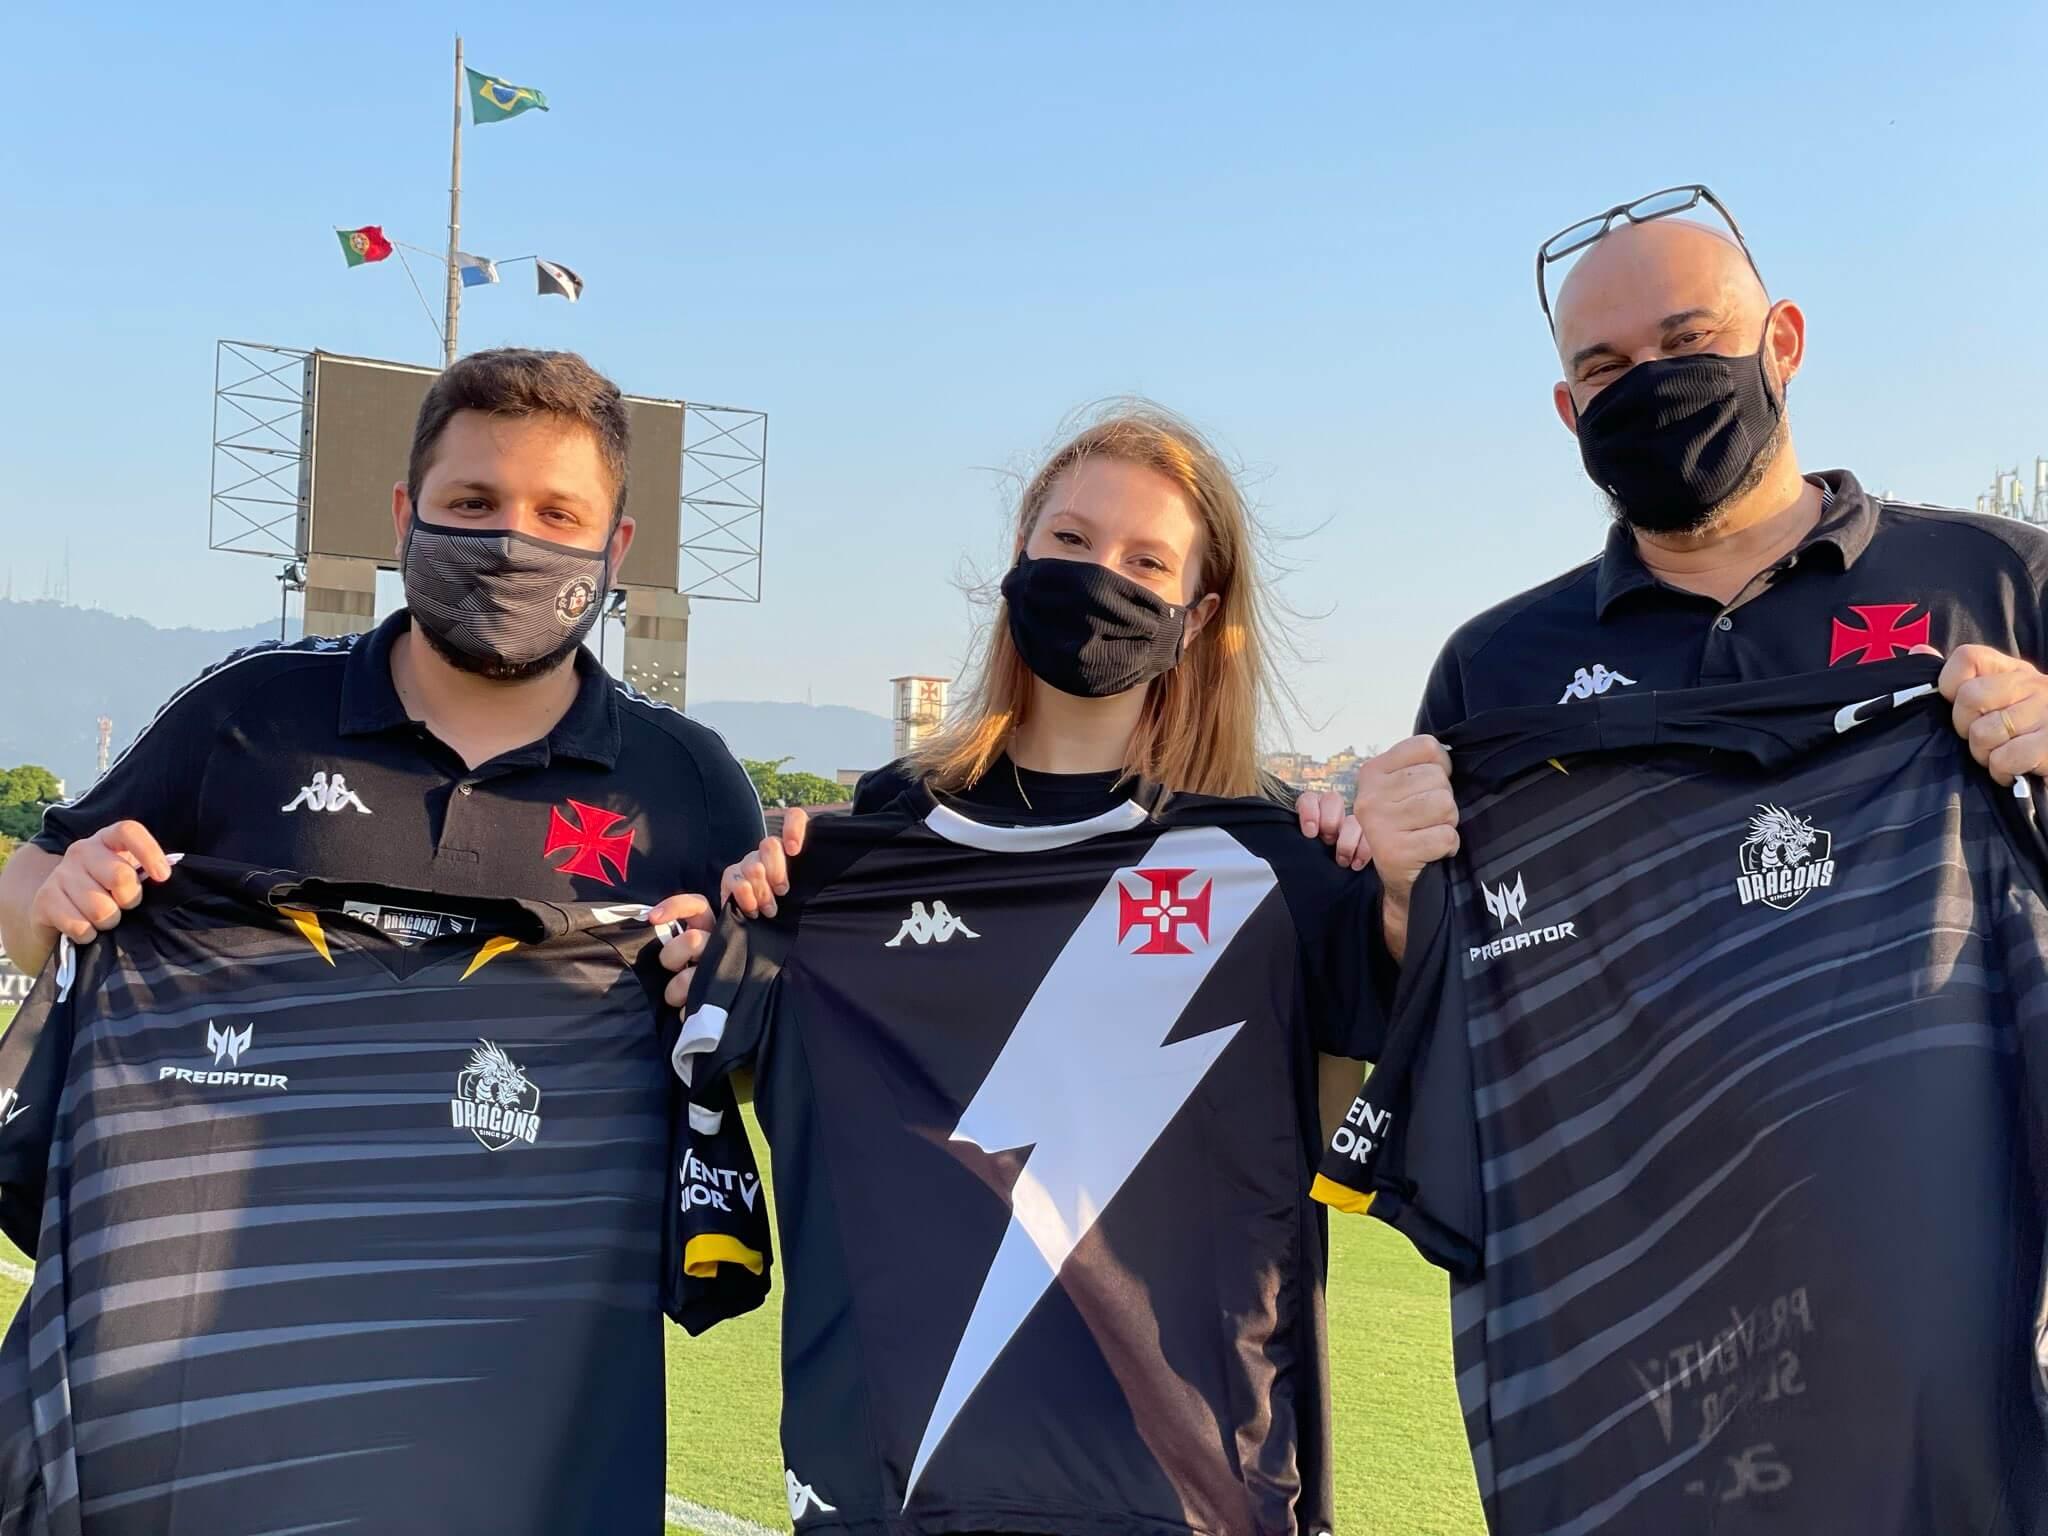 Foto marca parceria entre Vasco e Black Dragons no cenário dos E-Sports.